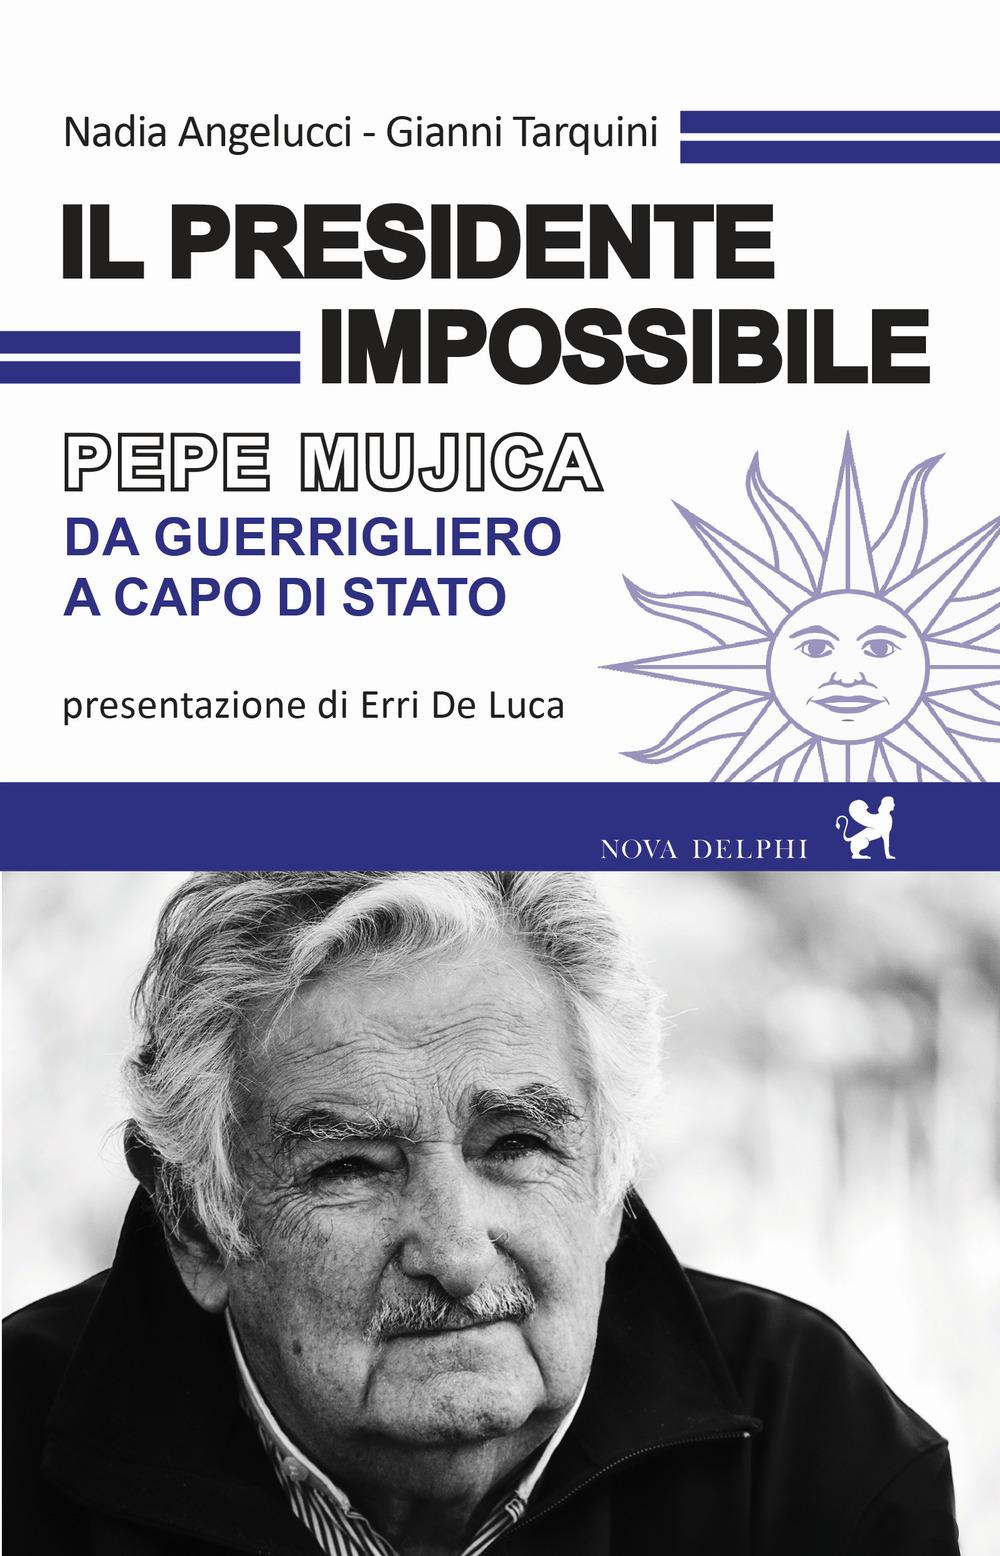 Il presidente impossibile. Pepe Mujica, da guerrigliero a capo di stato